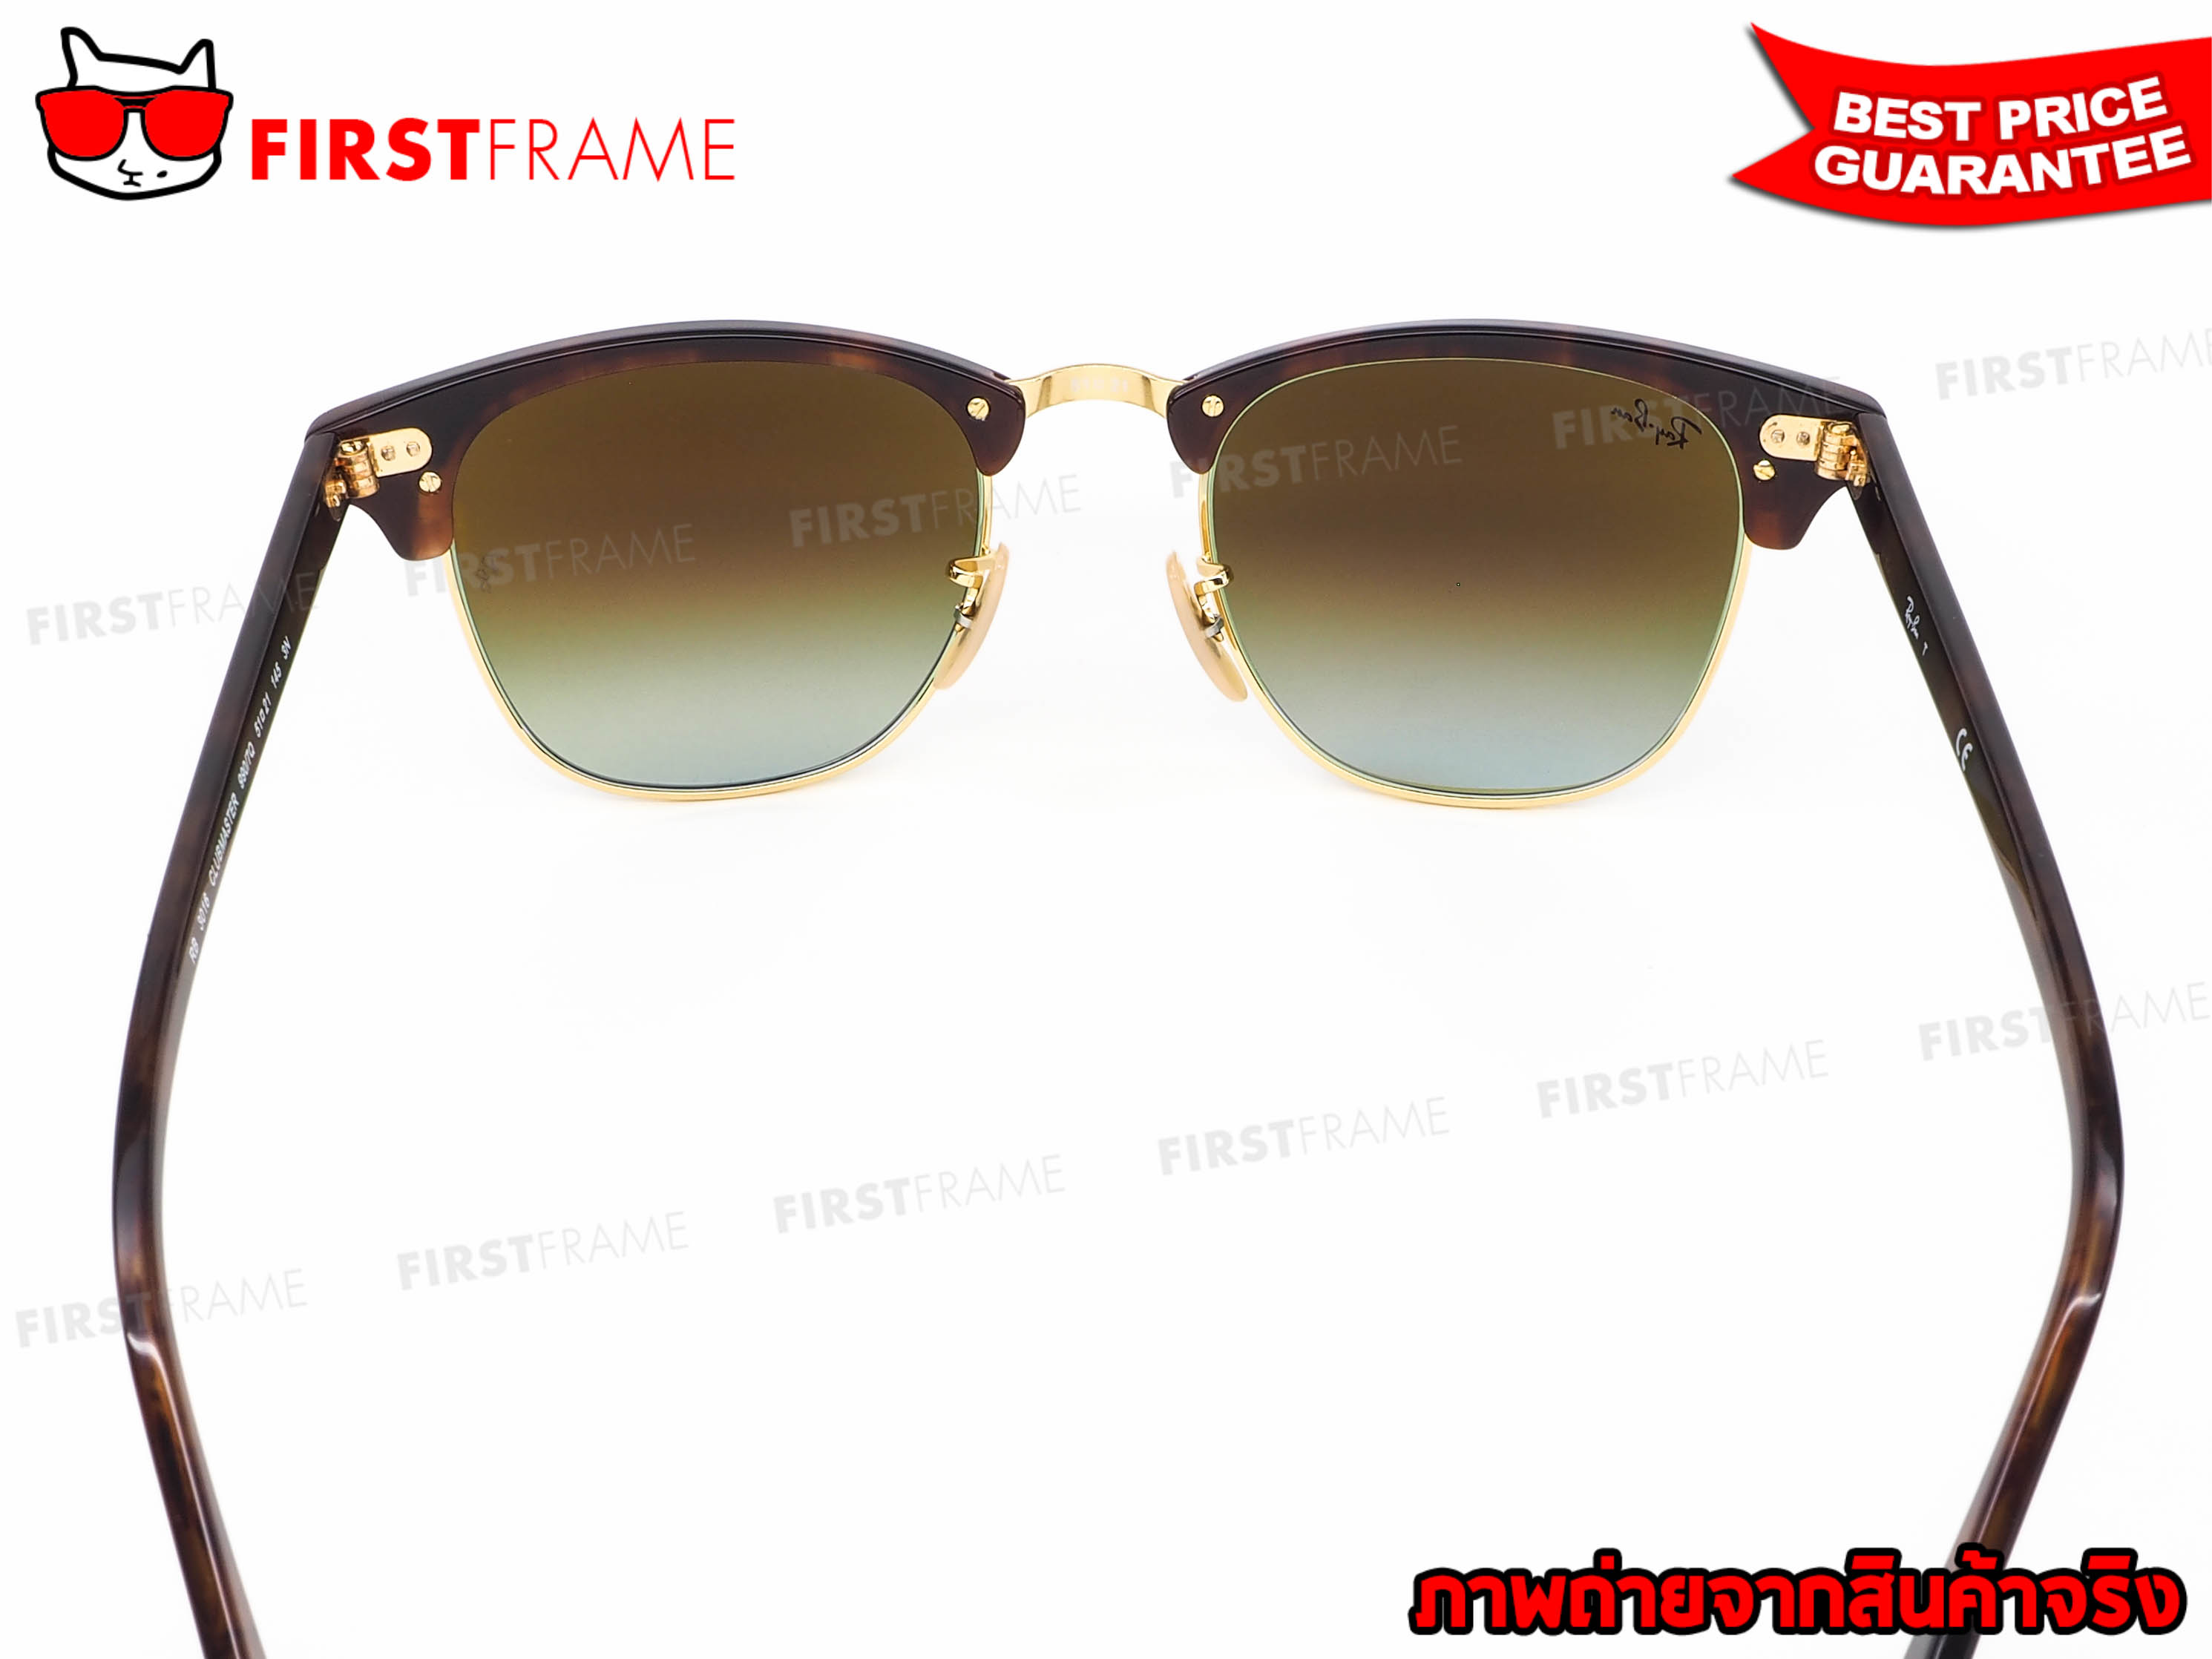 แว่นกันแดด RB3016 990/7Q | CLUBMASTER 5